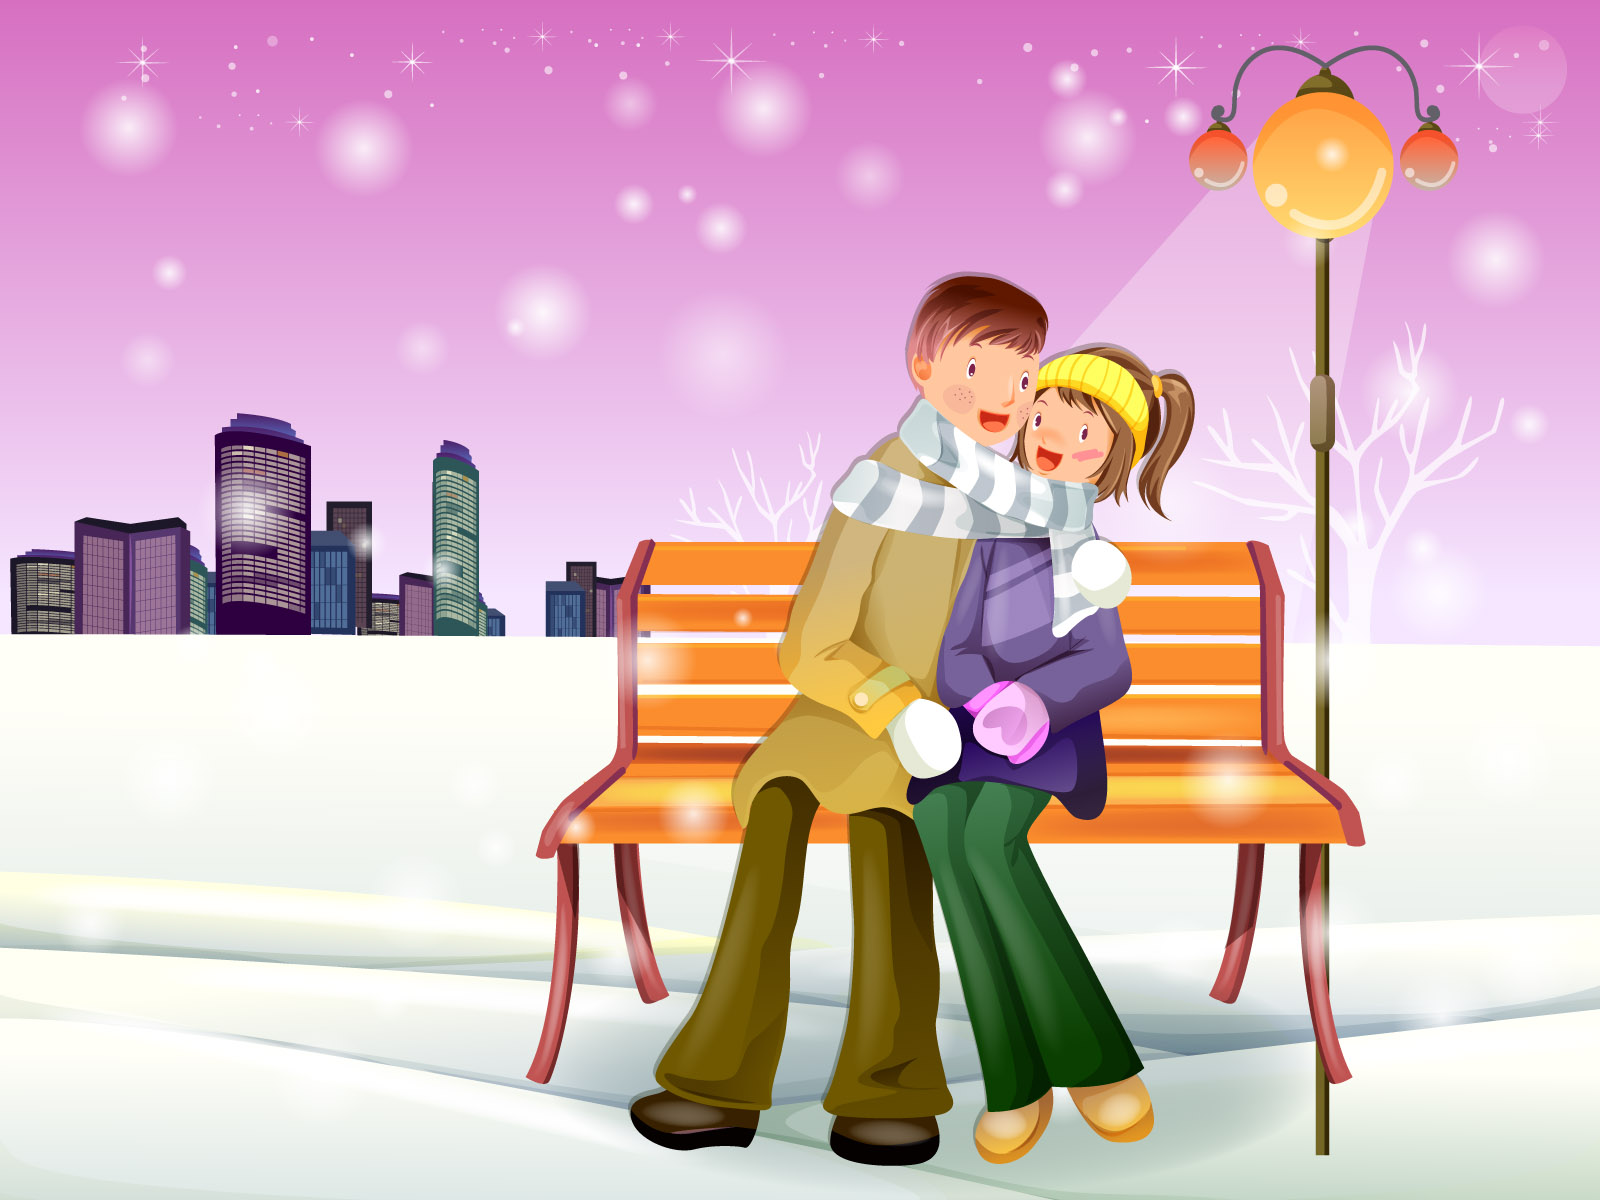 http://4.bp.blogspot.com/-HfyCcPTVP3w/TbCs7sHsLHI/AAAAAAAACmc/zFsQuaoUdBU/s1600/Romantic_Winter_wallpaper.jpg